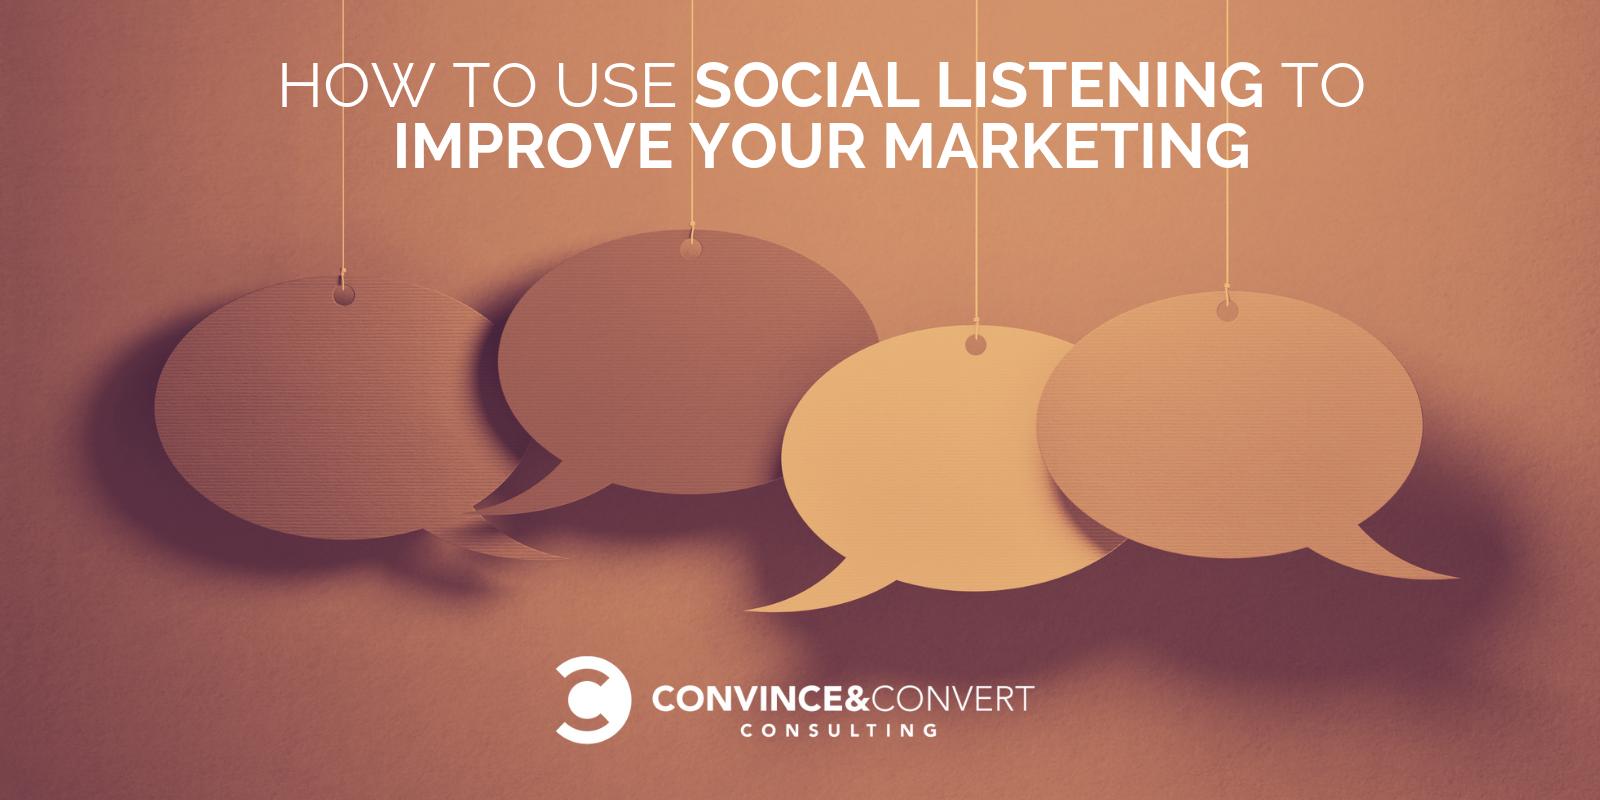 come usare l'ascolto sociale per migliorare il tuo marketing